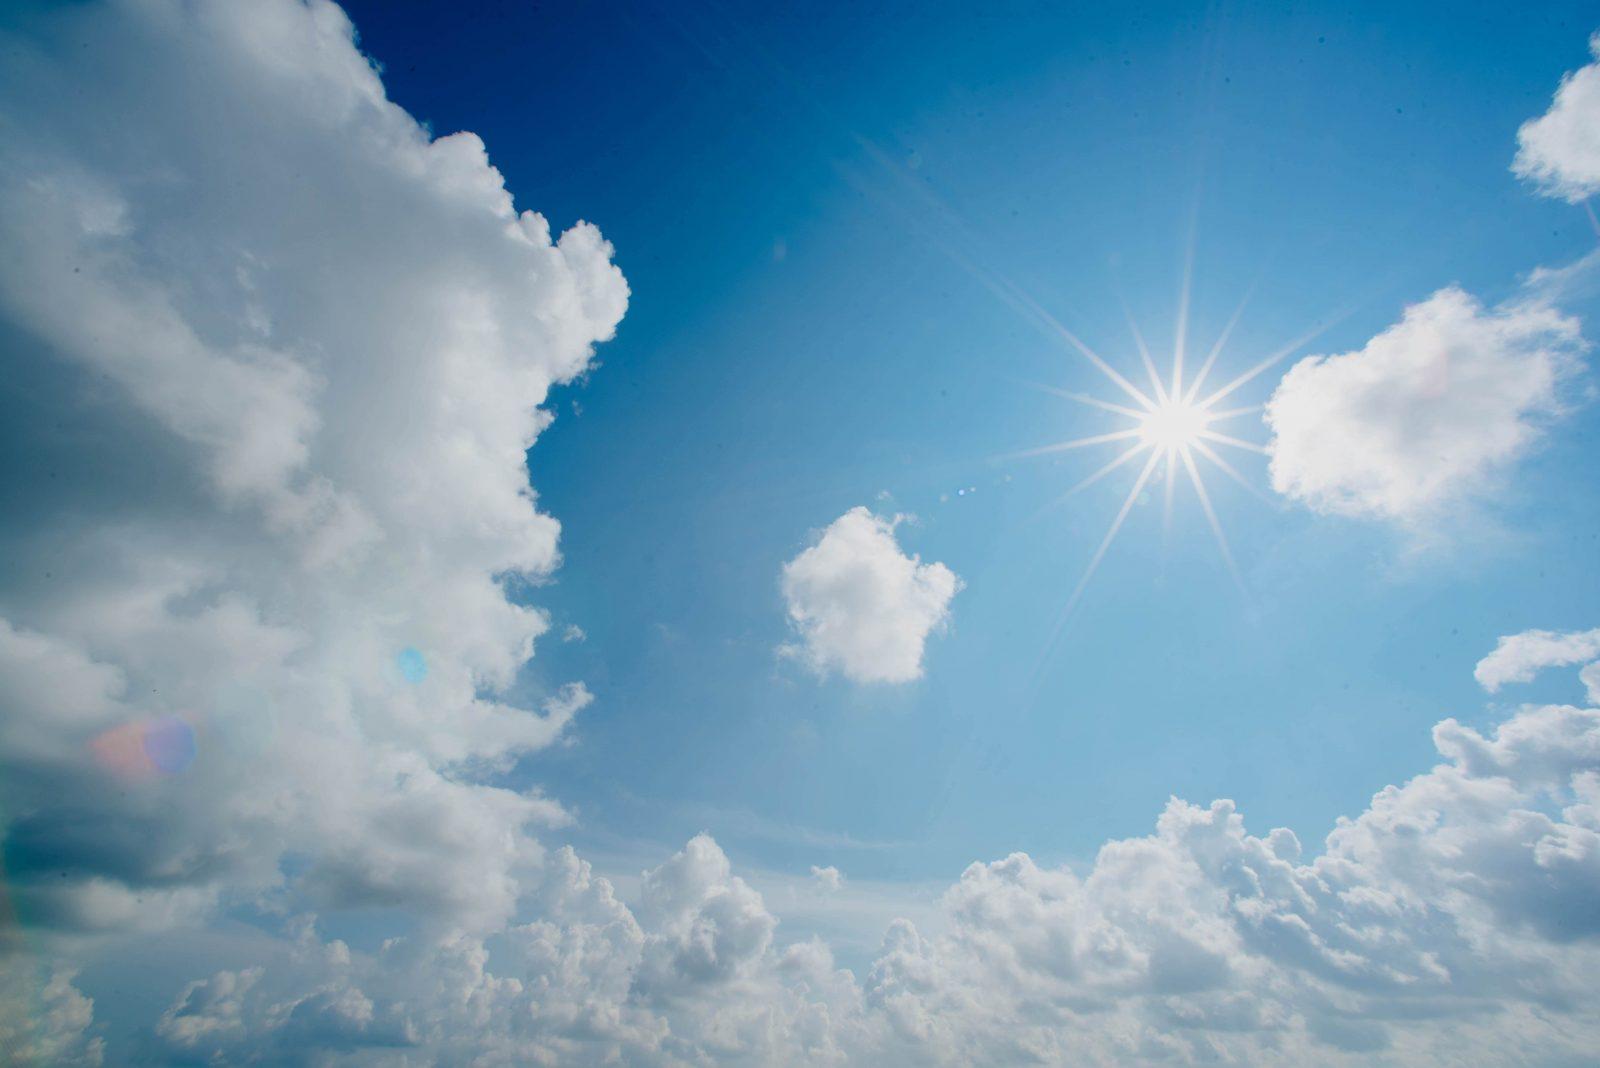 Sonnenstrahlen sind gefährlich für Augen